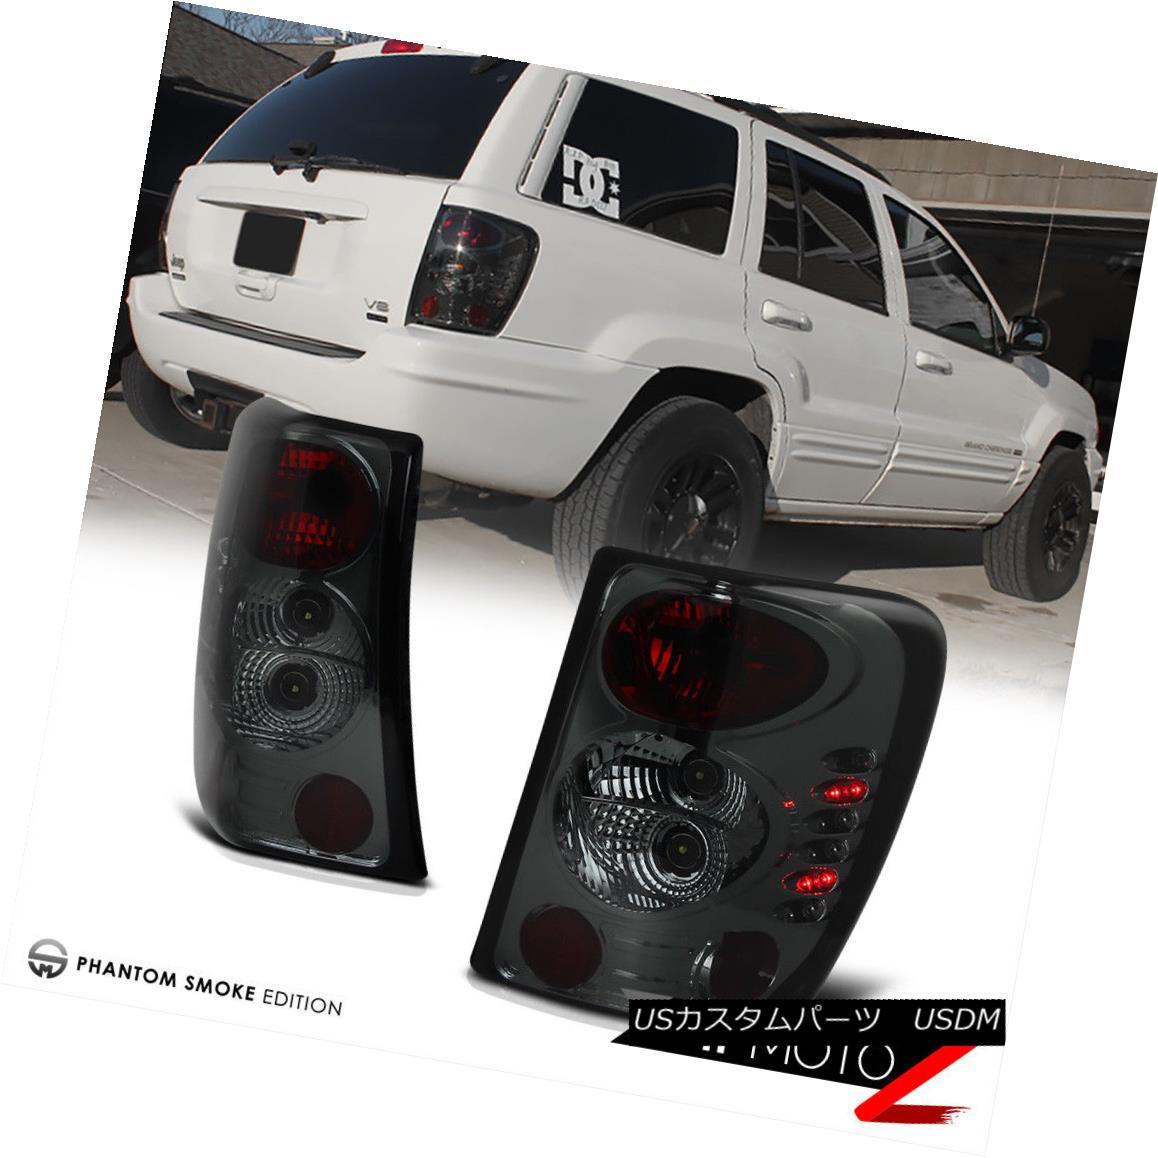 テールライト [SMOKE LEFT+RIGHT] 99-04 JEEP Grand Cherokee Laredo Limited Brake Tail Light LED [SMOKE LEFT + RIGHT] 99-04ジープグランドチェロキーラレド限定ブレーキテールライトLED